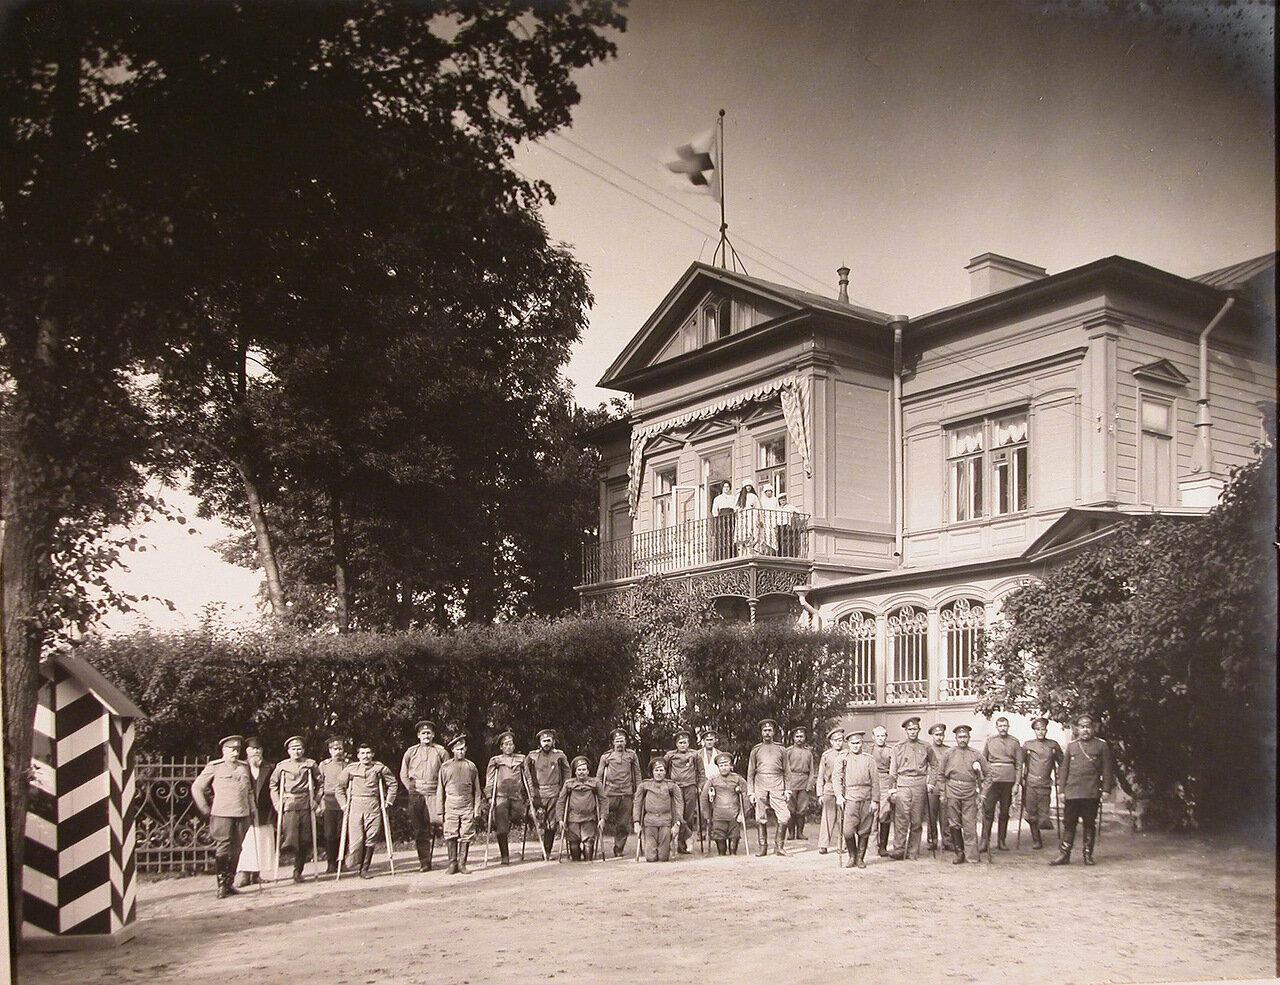 18. Группа призреваемых нижних чинов перед зданием патроната-убежища на прогулке